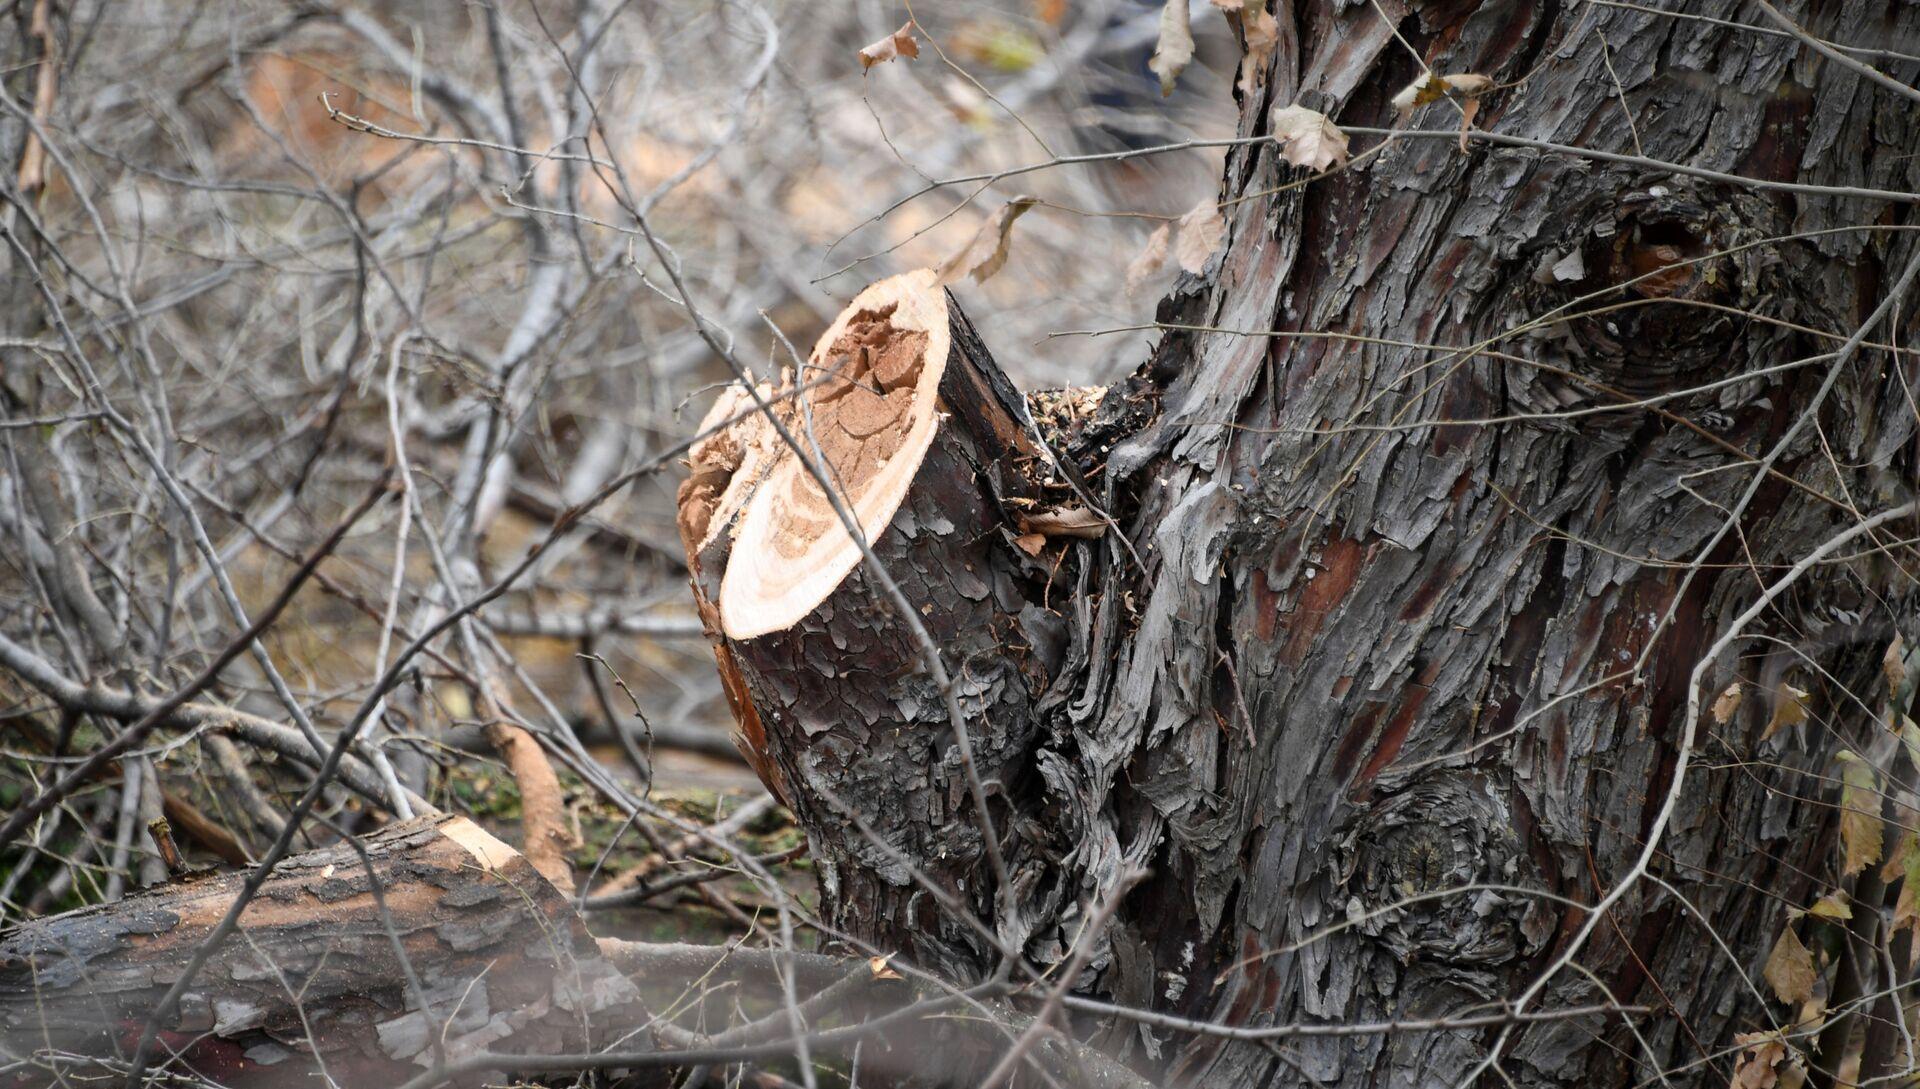 Вырубка деревьев. Архивное фото - РИА Новости, 1920, 11.11.2020